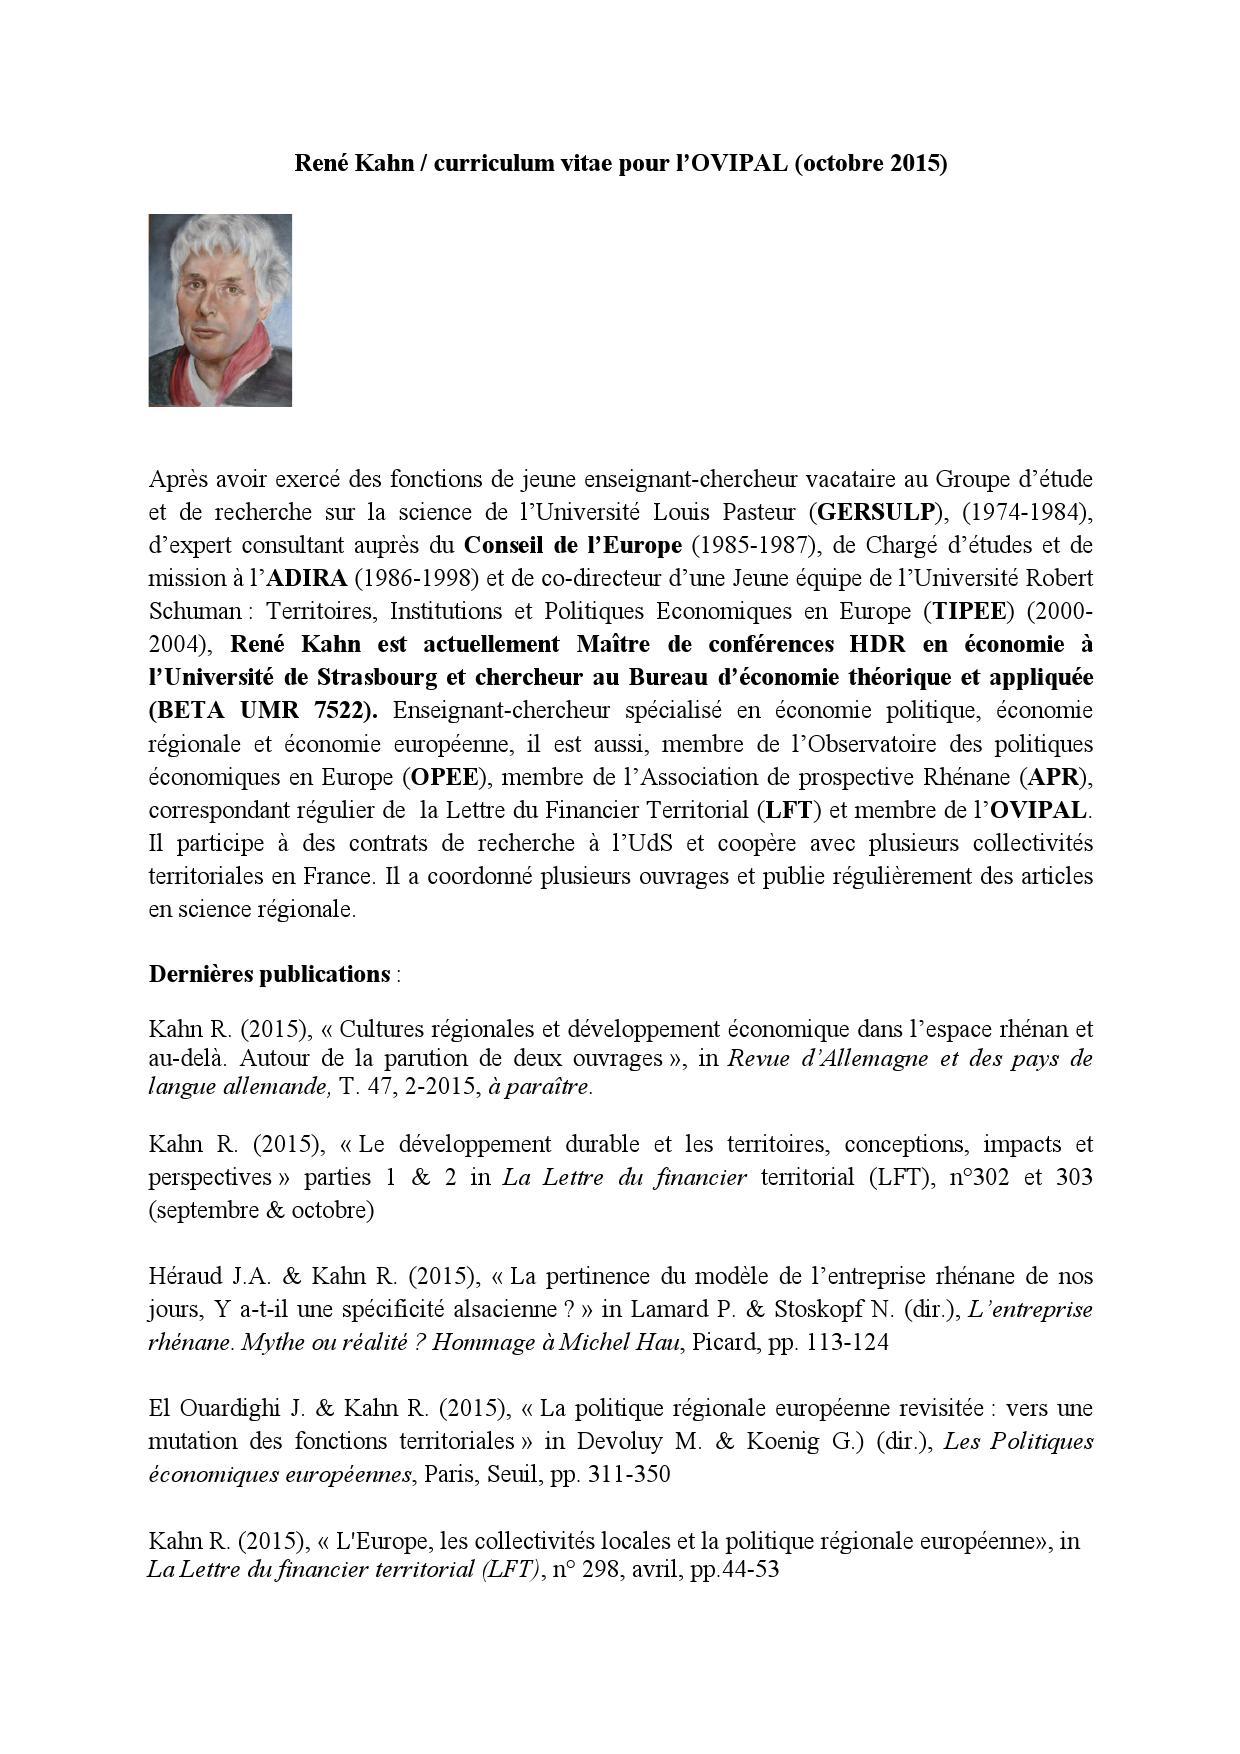 René Kahn curriculum pour l'OVIPAL_000001.jpg